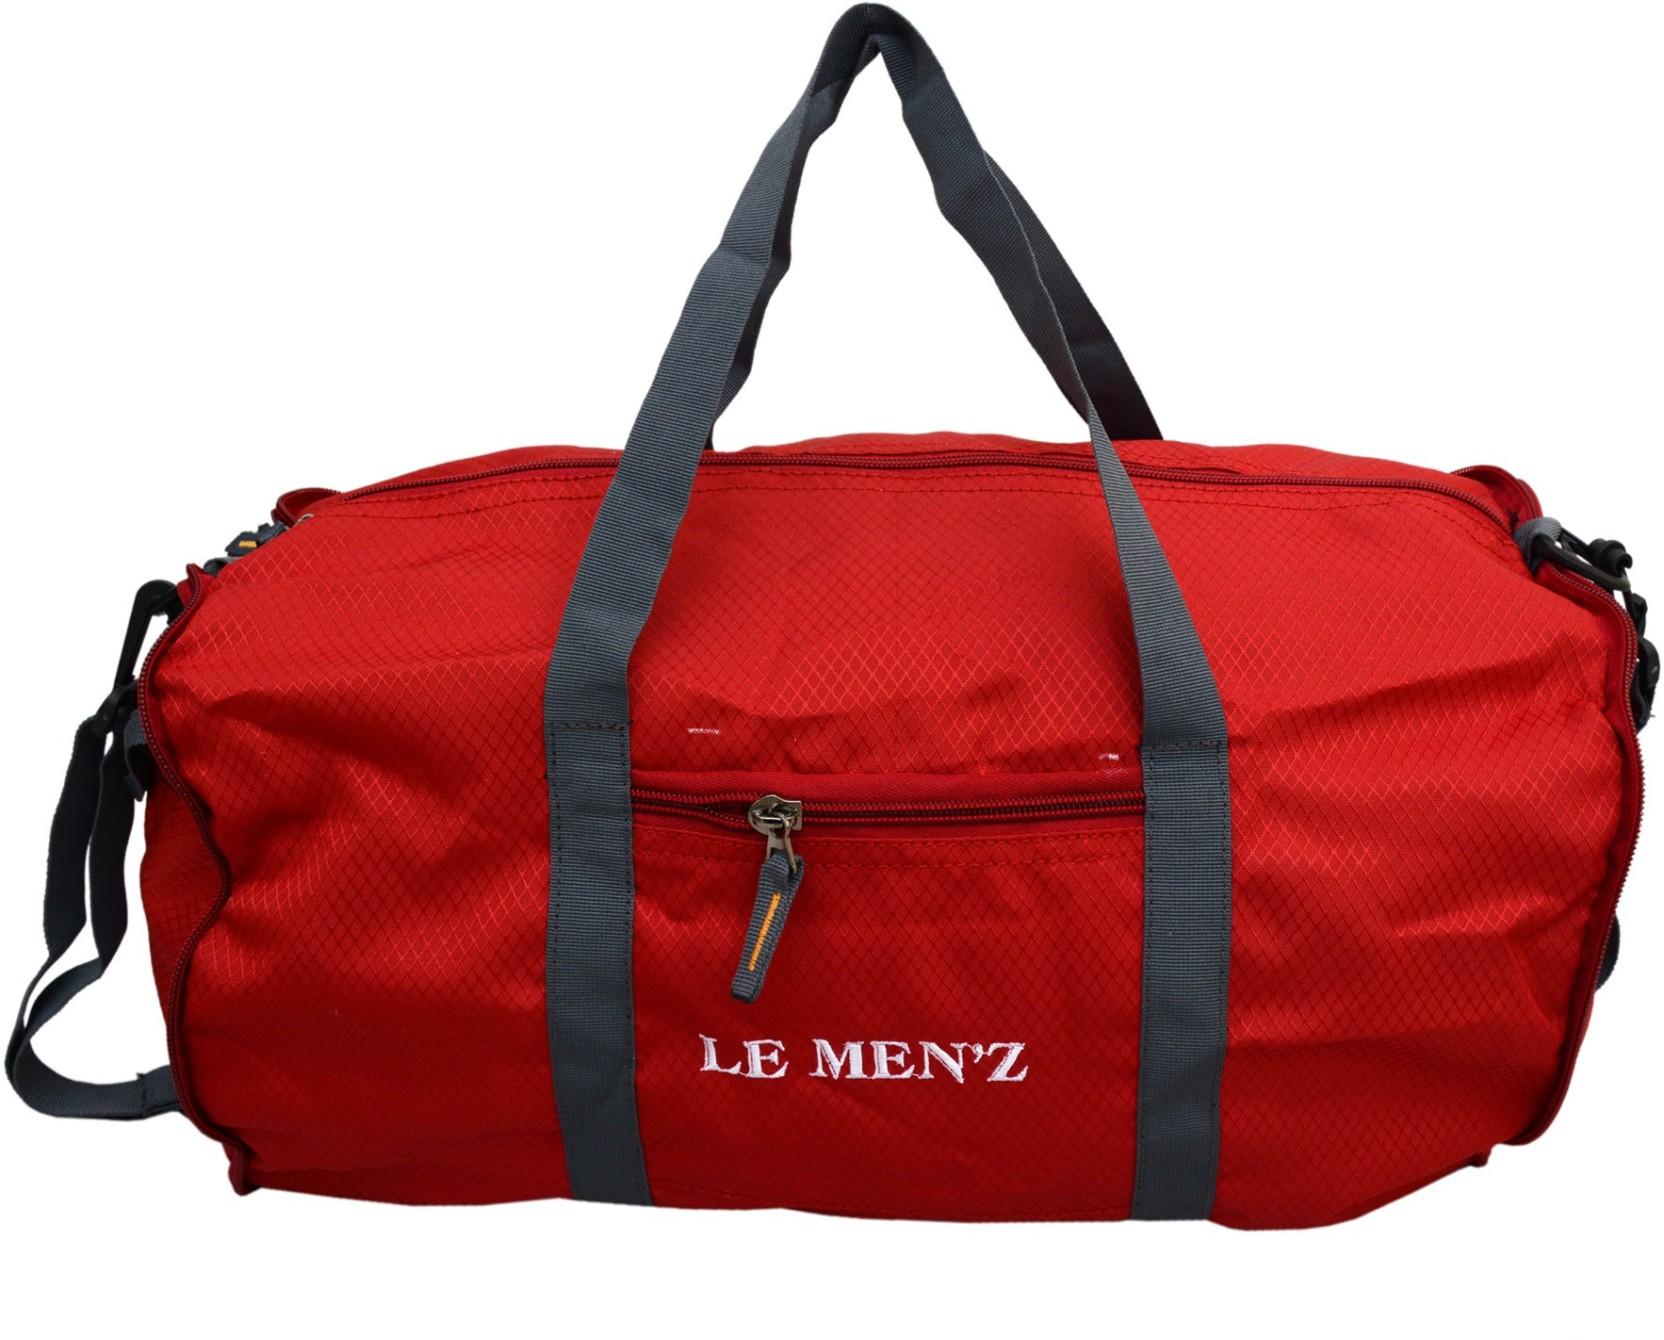 provogue multicolor polyester duffel bag no wheels super popular ... 9228b1a60be4c